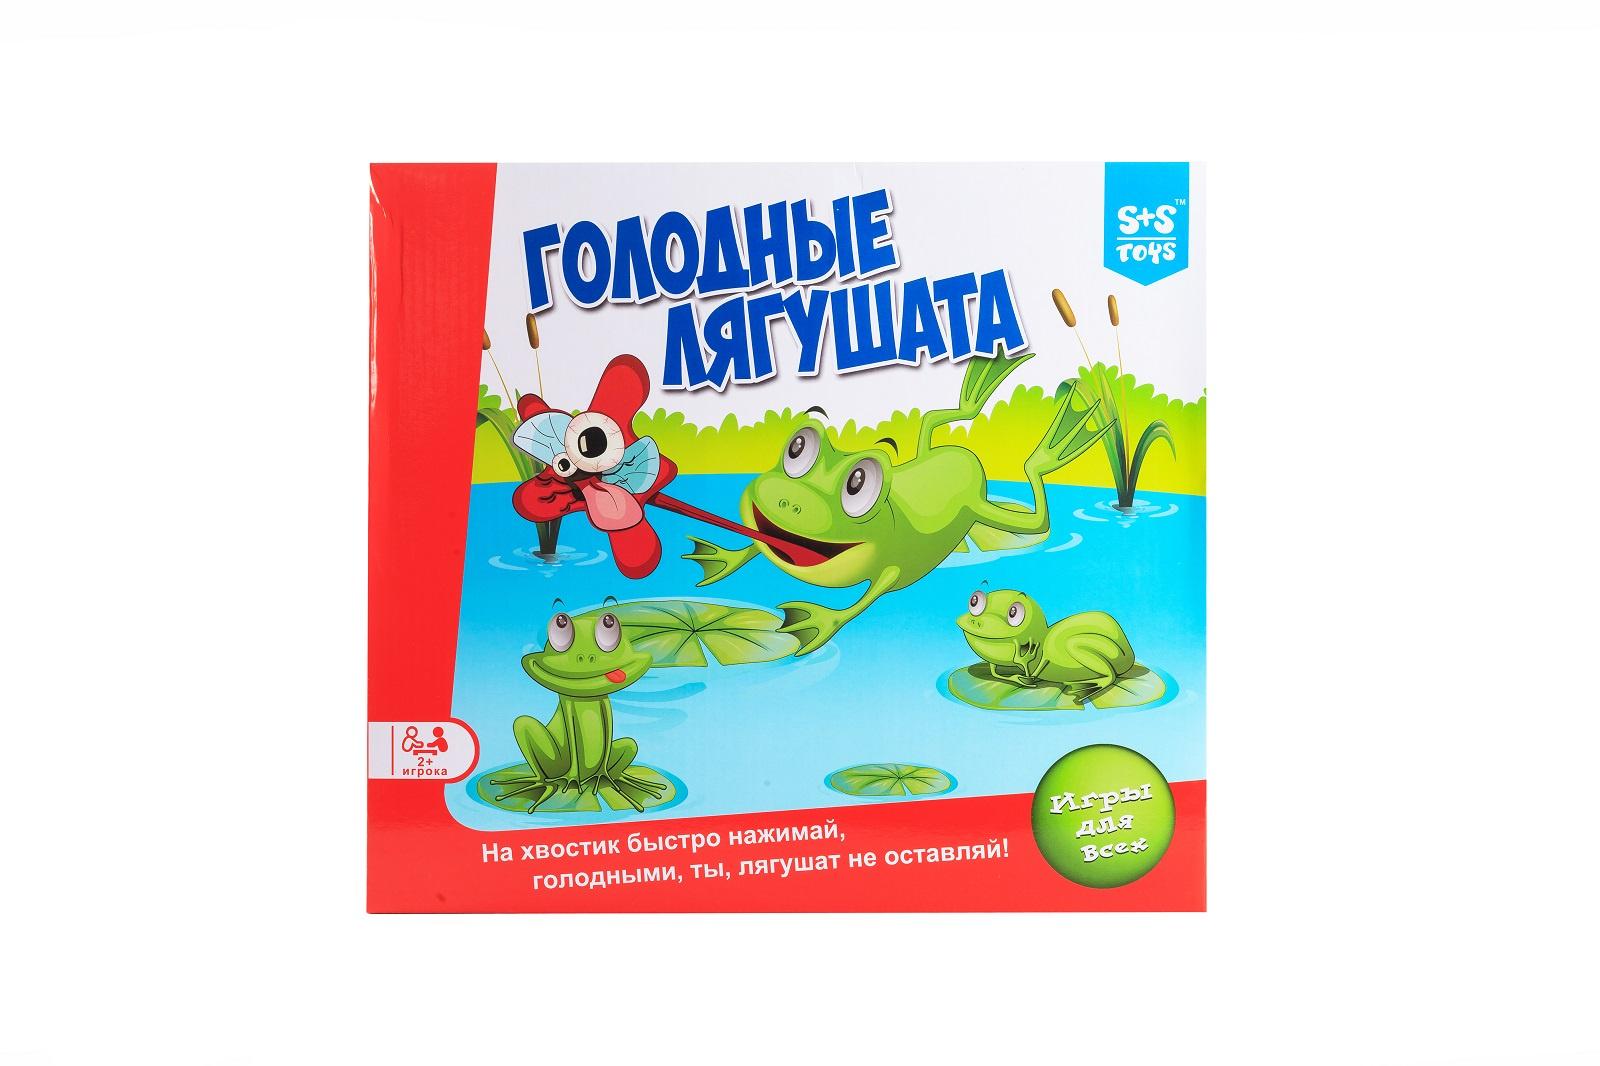 Игра настольная детская S+S Toys Голодные лягушата, 200153699 настольная игра s s toys сумашедшее ведро 200153749 1124626